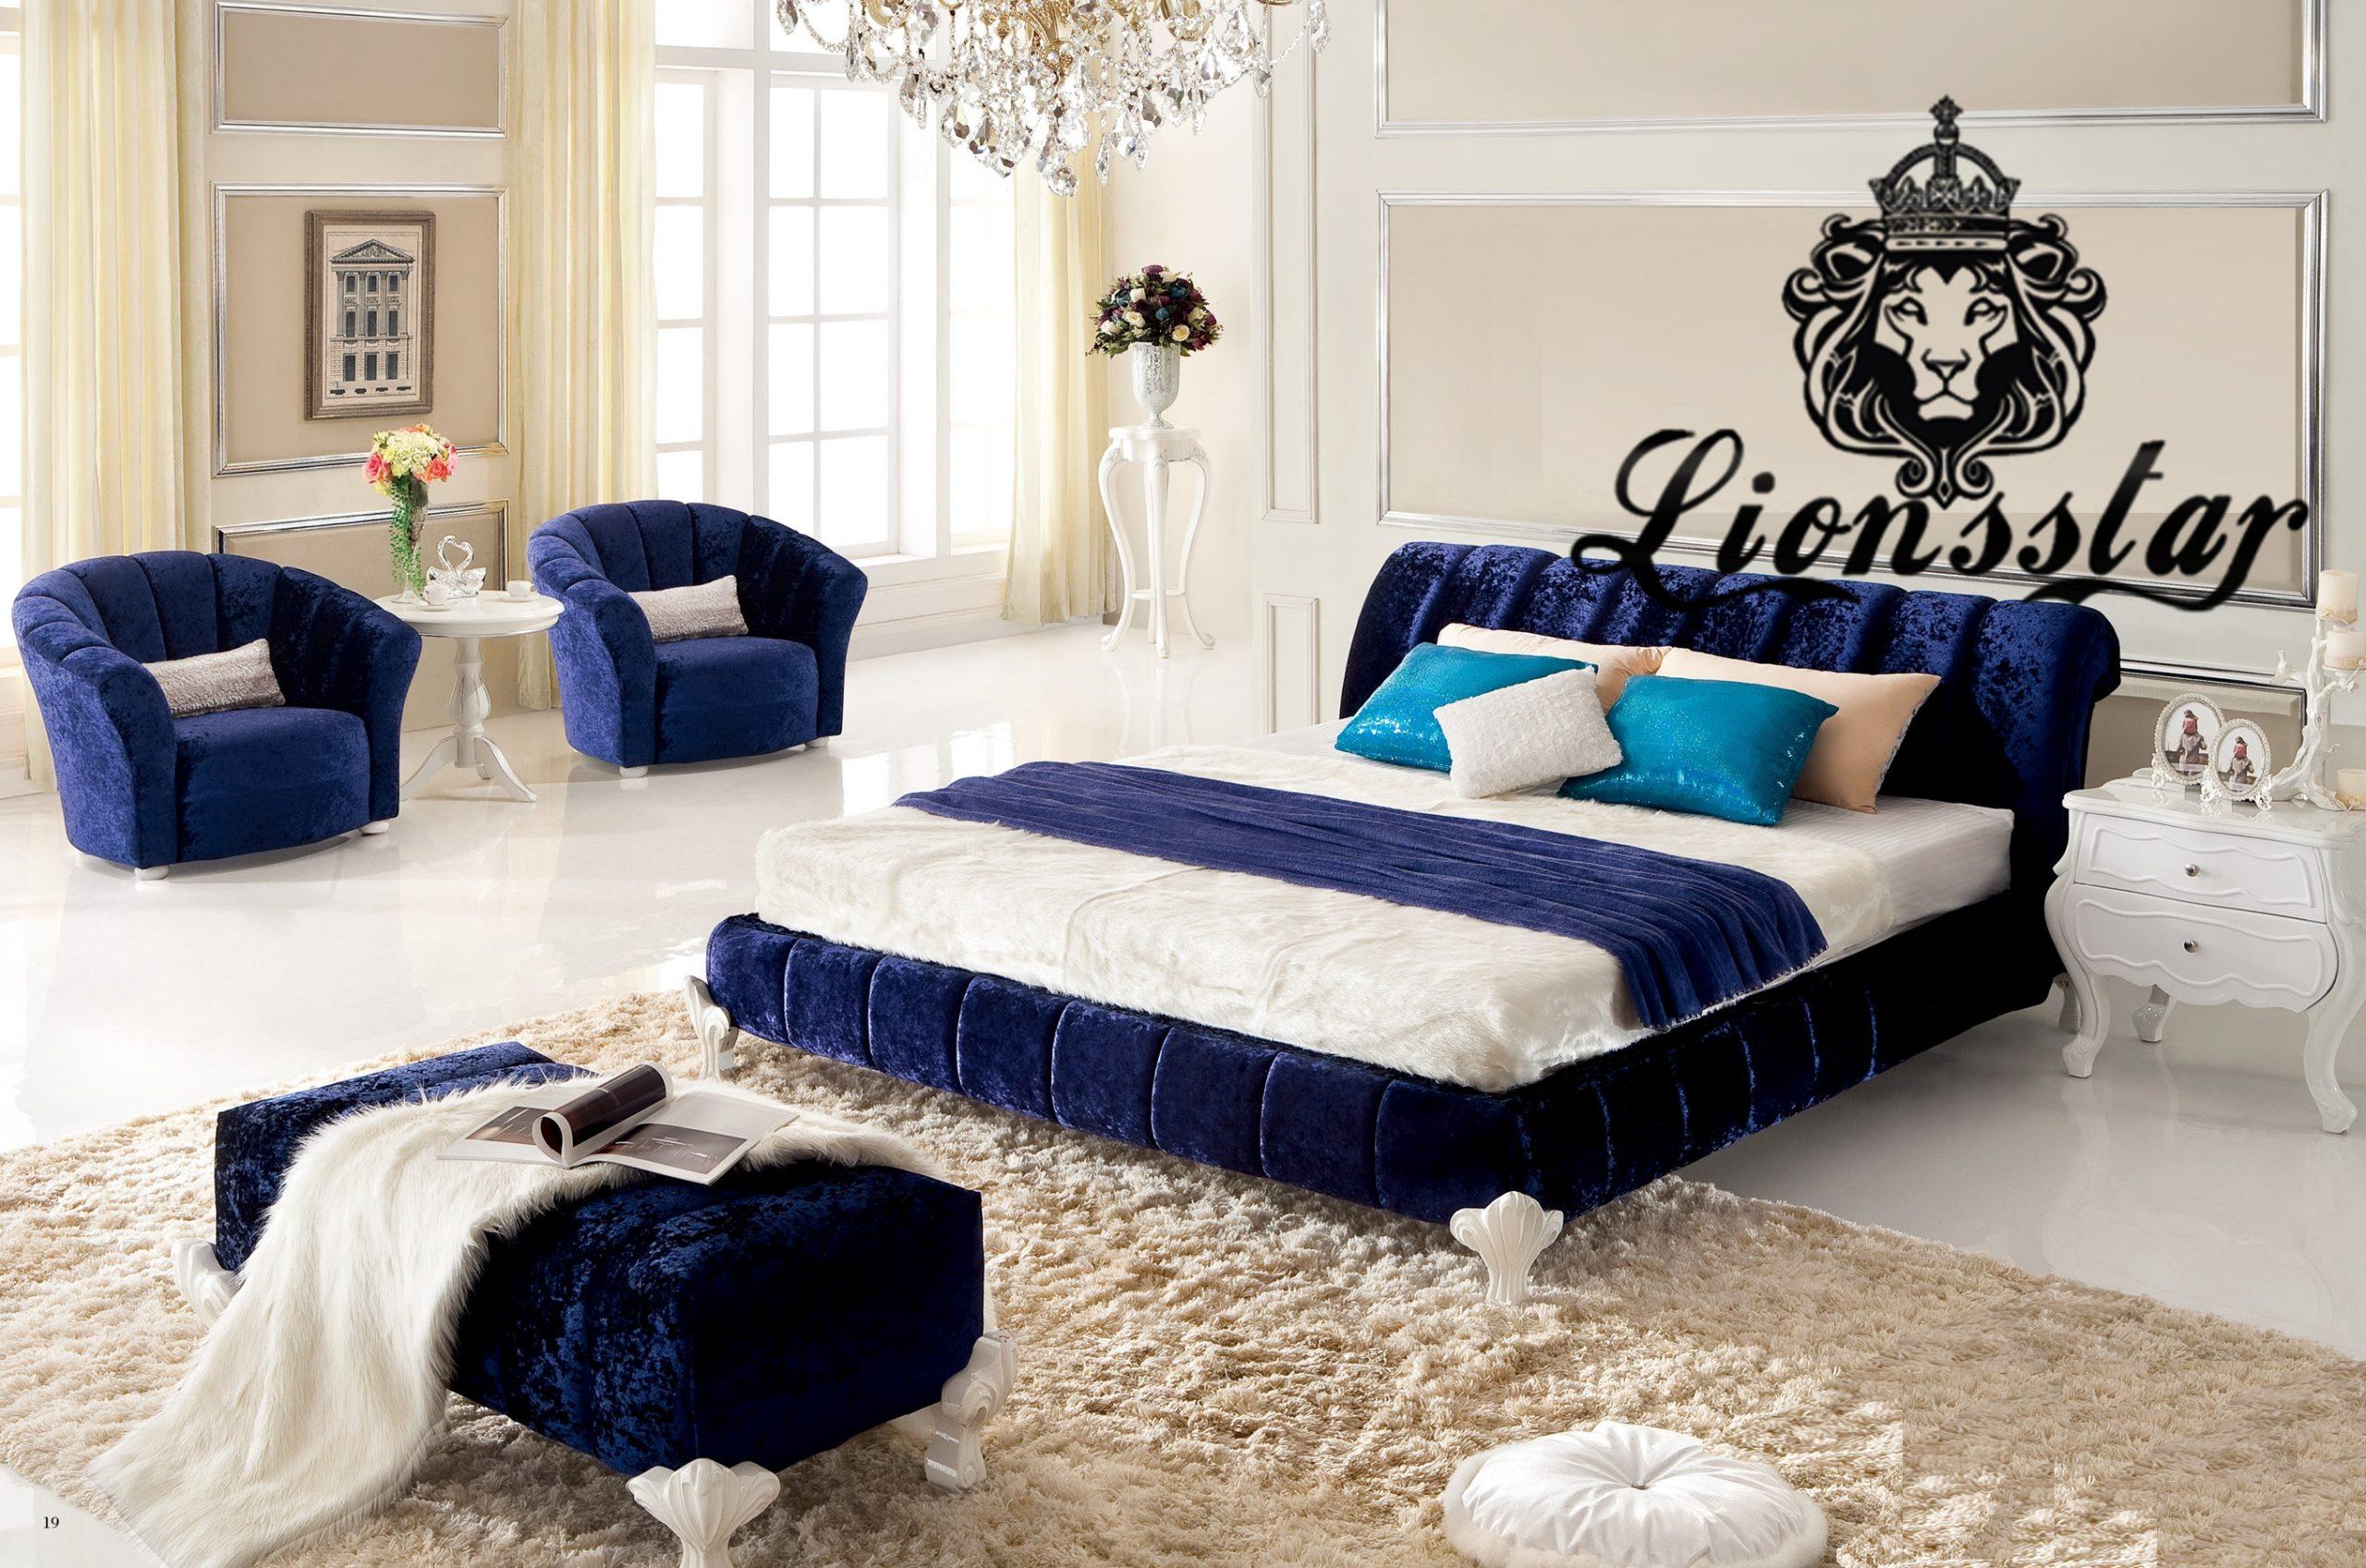 Full Size of Bett Jugendstil Schramm Betten Sonoma Eiche 140x200 Mit Stauraum Unterbett Buche Rattan 1 40 Weiße Rauch Günstig Kaufen Schlafzimmer Amerikanisches Rutsche Bett 1.40 Bett